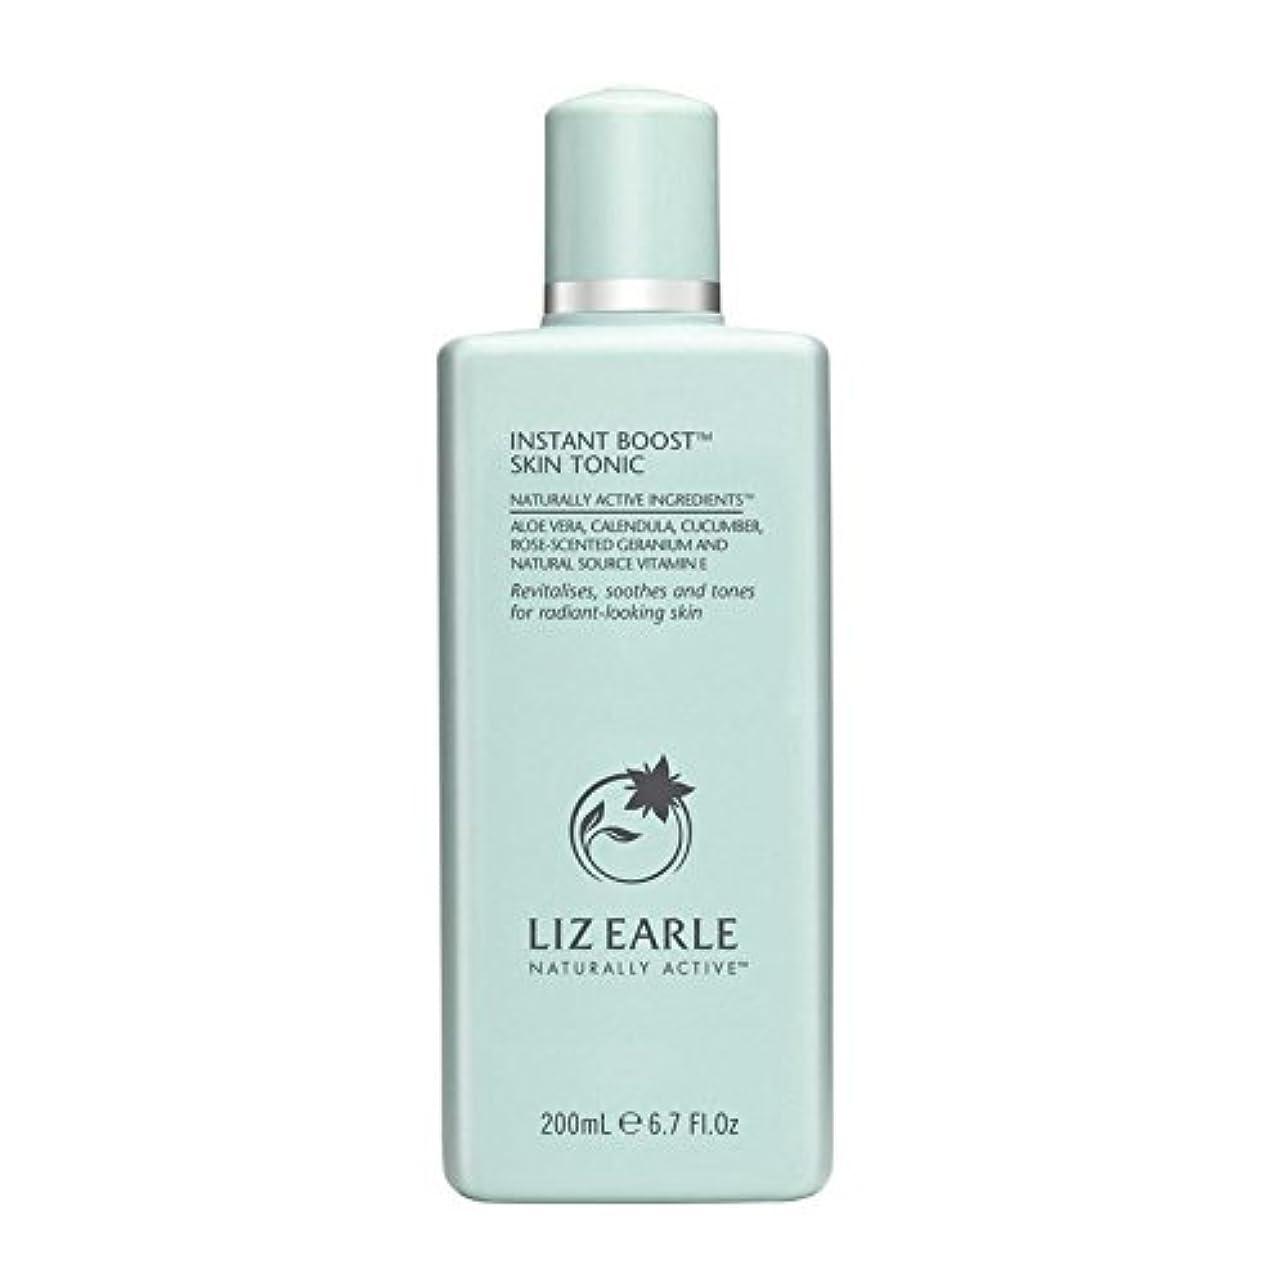 アルコール頻繁に教リズアールインスタントブーストスキントニックボトル200ミリリットル x2 - Liz Earle Instant Boost Skin Tonic Bottle 200ml (Pack of 2) [並行輸入品]